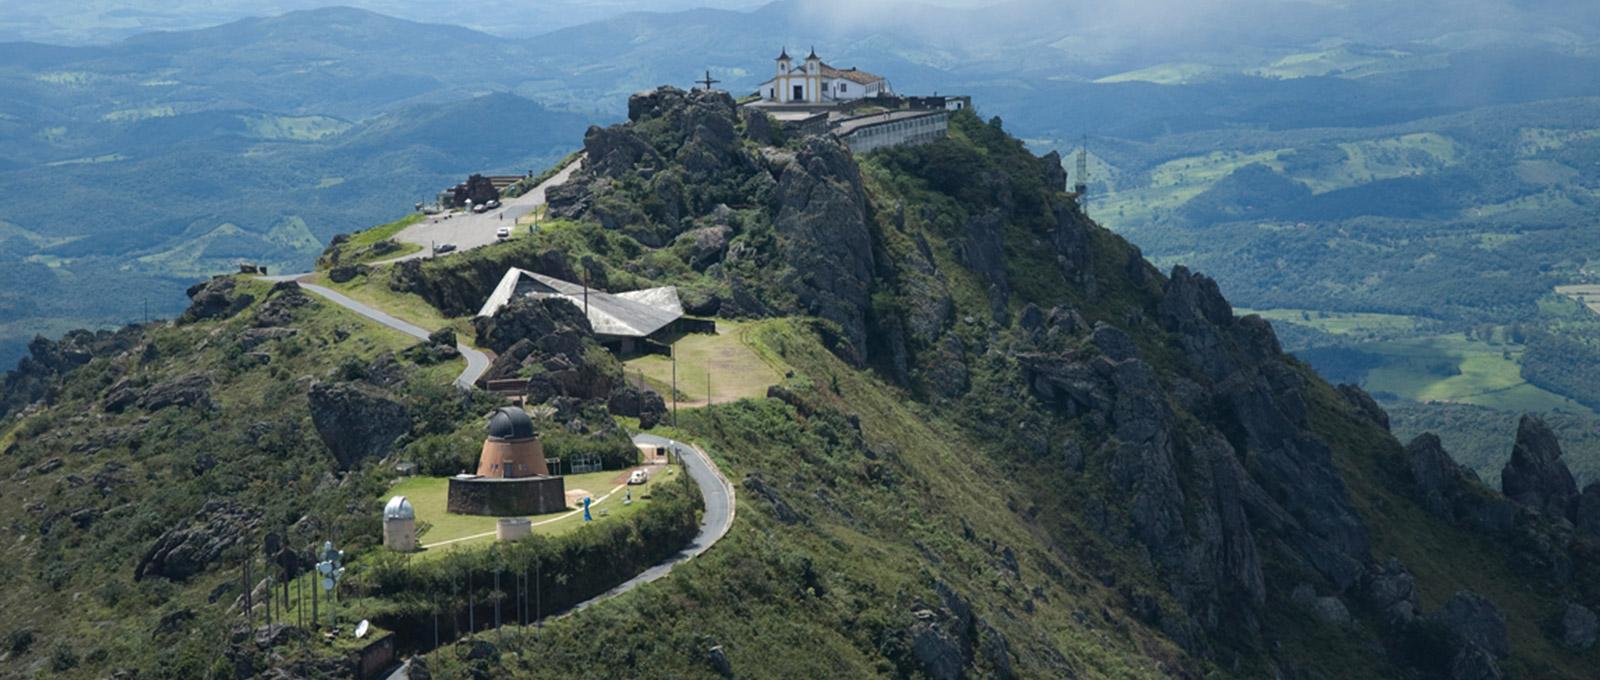 Serra da Piedade: um local de fé e natureza exuberante.